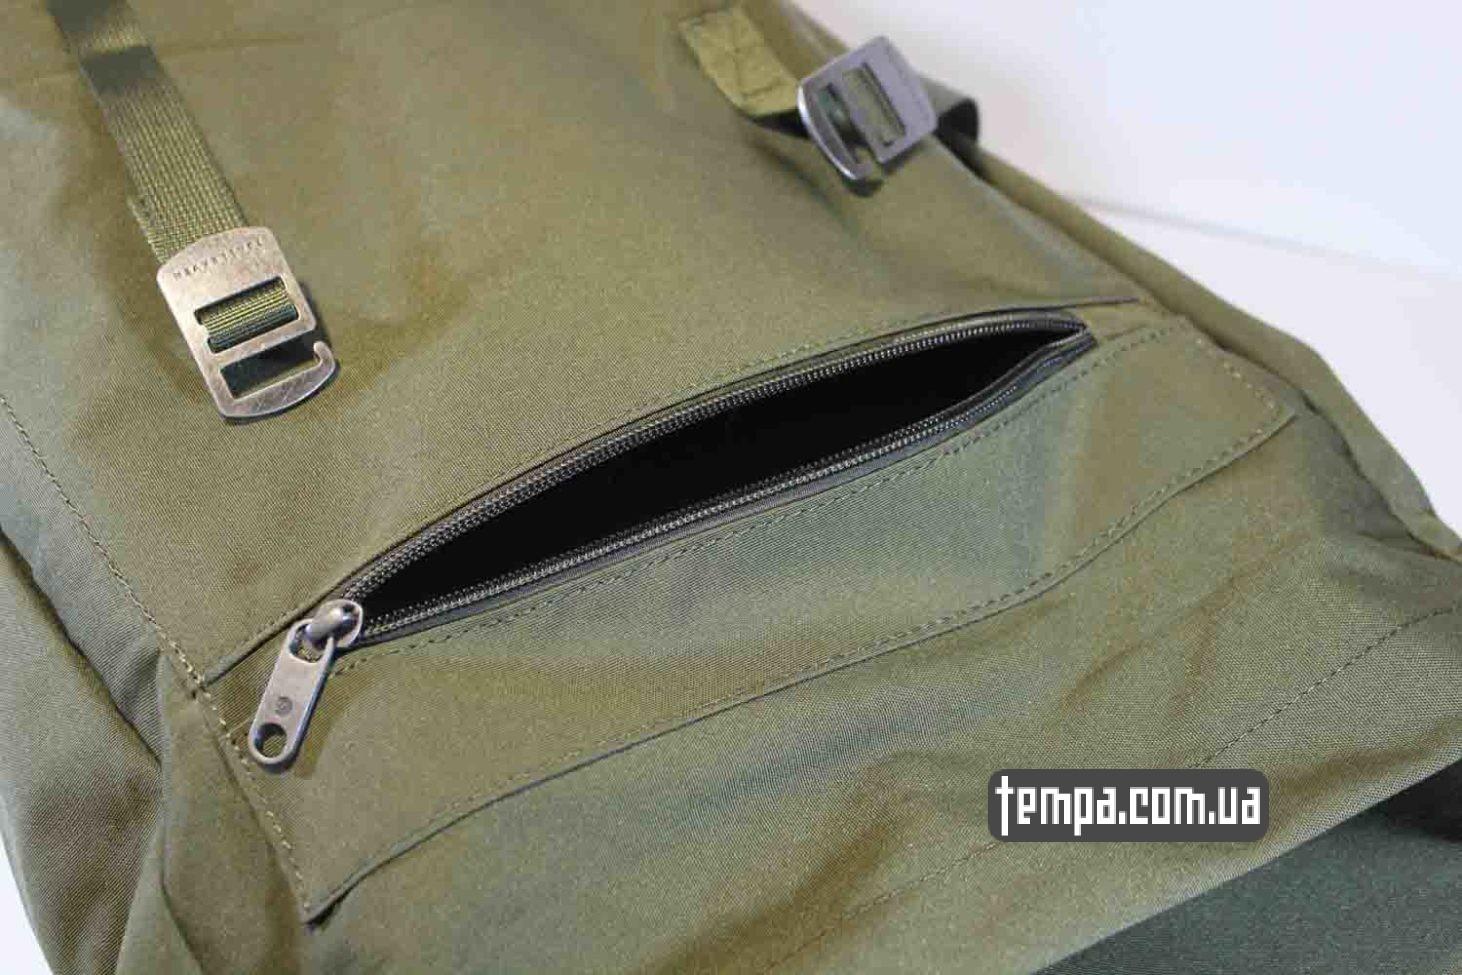 где купить оригинал рюкзак сумка Fjällräven Rucksack Foldsack No.1 - 16 литров зеленый